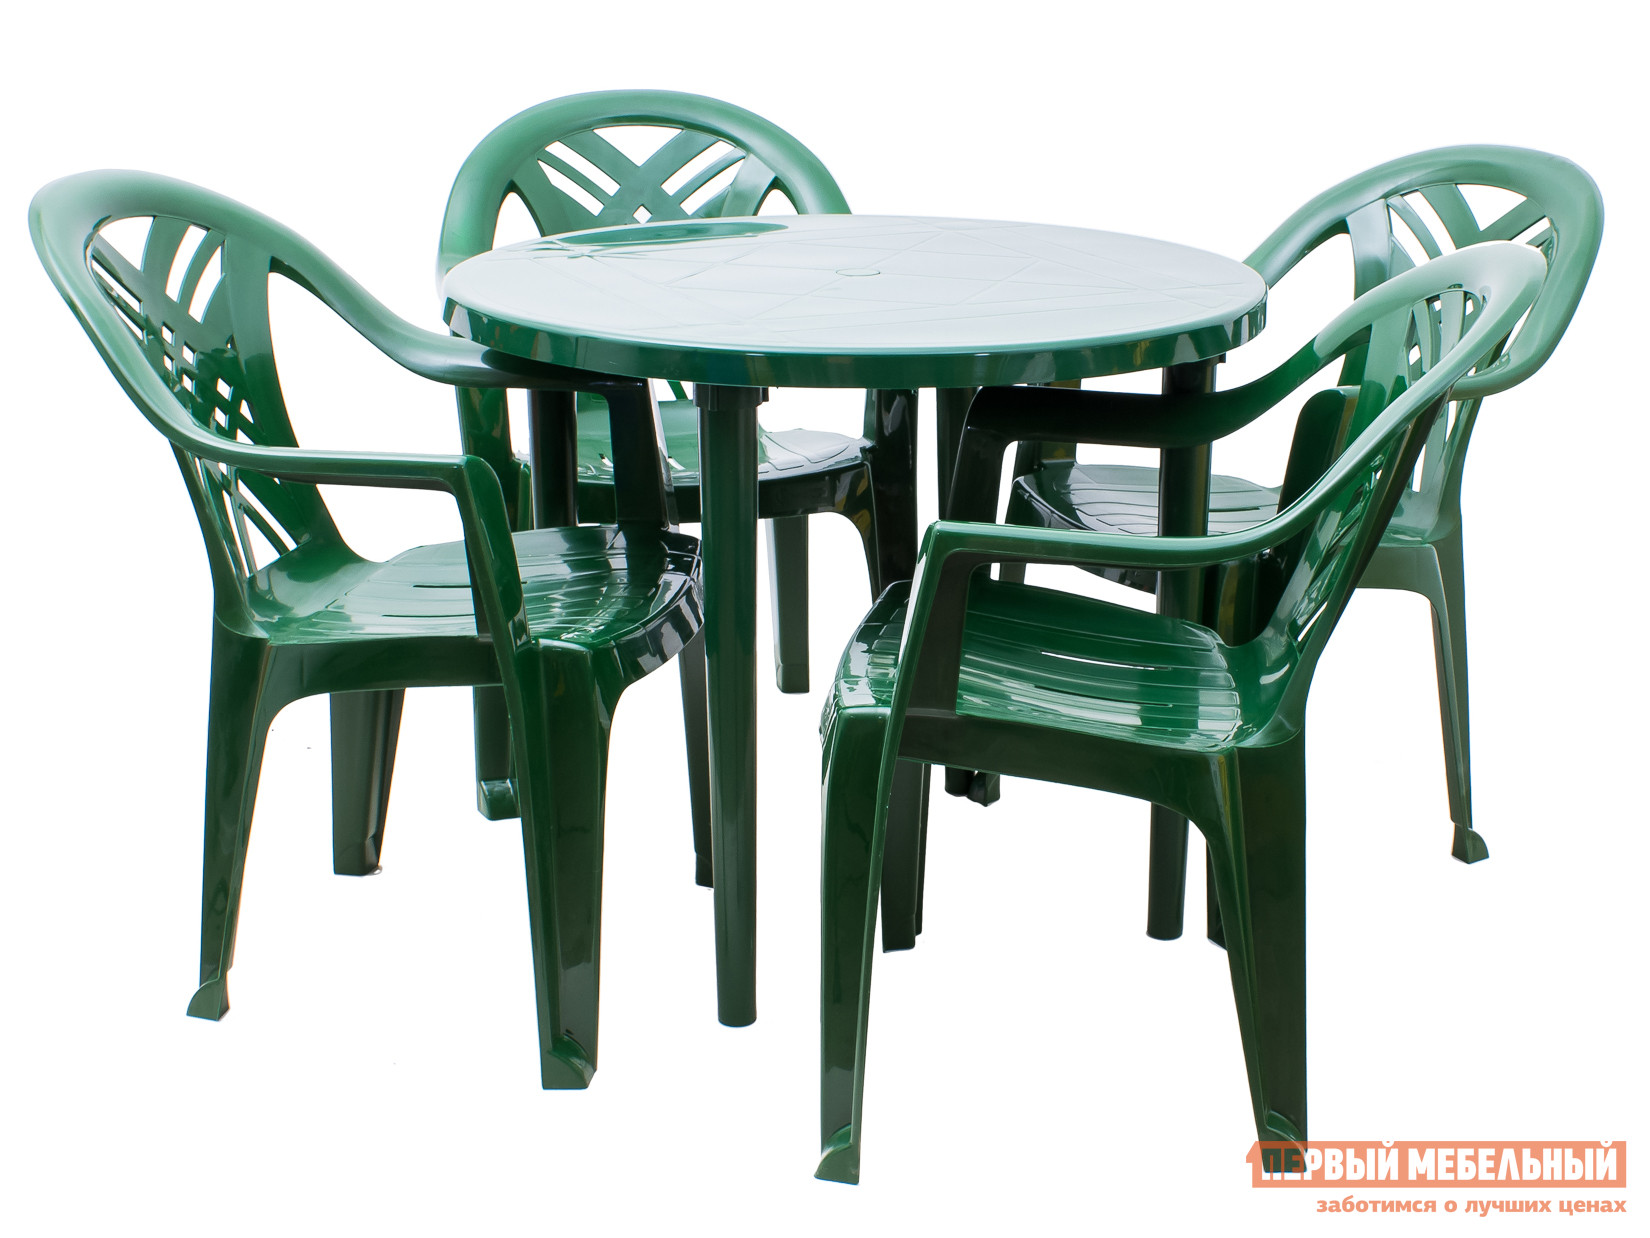 Набор пластиковой мебели Стандарт Пластик Стол круглый, д. 900 мм+Кресло №6 Престиж-2 (660x600x840мм), 4 шт. Темно-зеленыйНаборы пластиковой мебели<br>Габаритные размеры ВхШхГ xx мм. Что нужно для хорошего настроения на даче? Конечно же яркий набор пластиковой мебели «Престиж-2+Рикул», представляющий собой круглый стол диаметром 900 мм и четыре кресла с подлокотниками размером 660x600x840 мм.  Элементы комплекта лаконично смотрятся вместе, ведь они изготовлены из пластика одного цвета. Так как кресла могут использоваться при нагрузке до 120 кг, здесь могут спокойно отдыхать люди любой комплекции.  Стол представлен в размерах: 710 Х 900 Х 900 мм, вес 5 кг; Кресло: 840 Х 660 Х 600 мм, вес 2. 4 кг. Кресла поставляются в собранном виде.  Стол разобран – для сборки стола необходимо вкрутить ножки в столешницу.<br><br>Цвет: Зеленый<br>Кол-во упаковок: 5<br>Форма поставки: В разобранном виде<br>Срок гарантии: 1 год<br>Тип: На 4 персоны